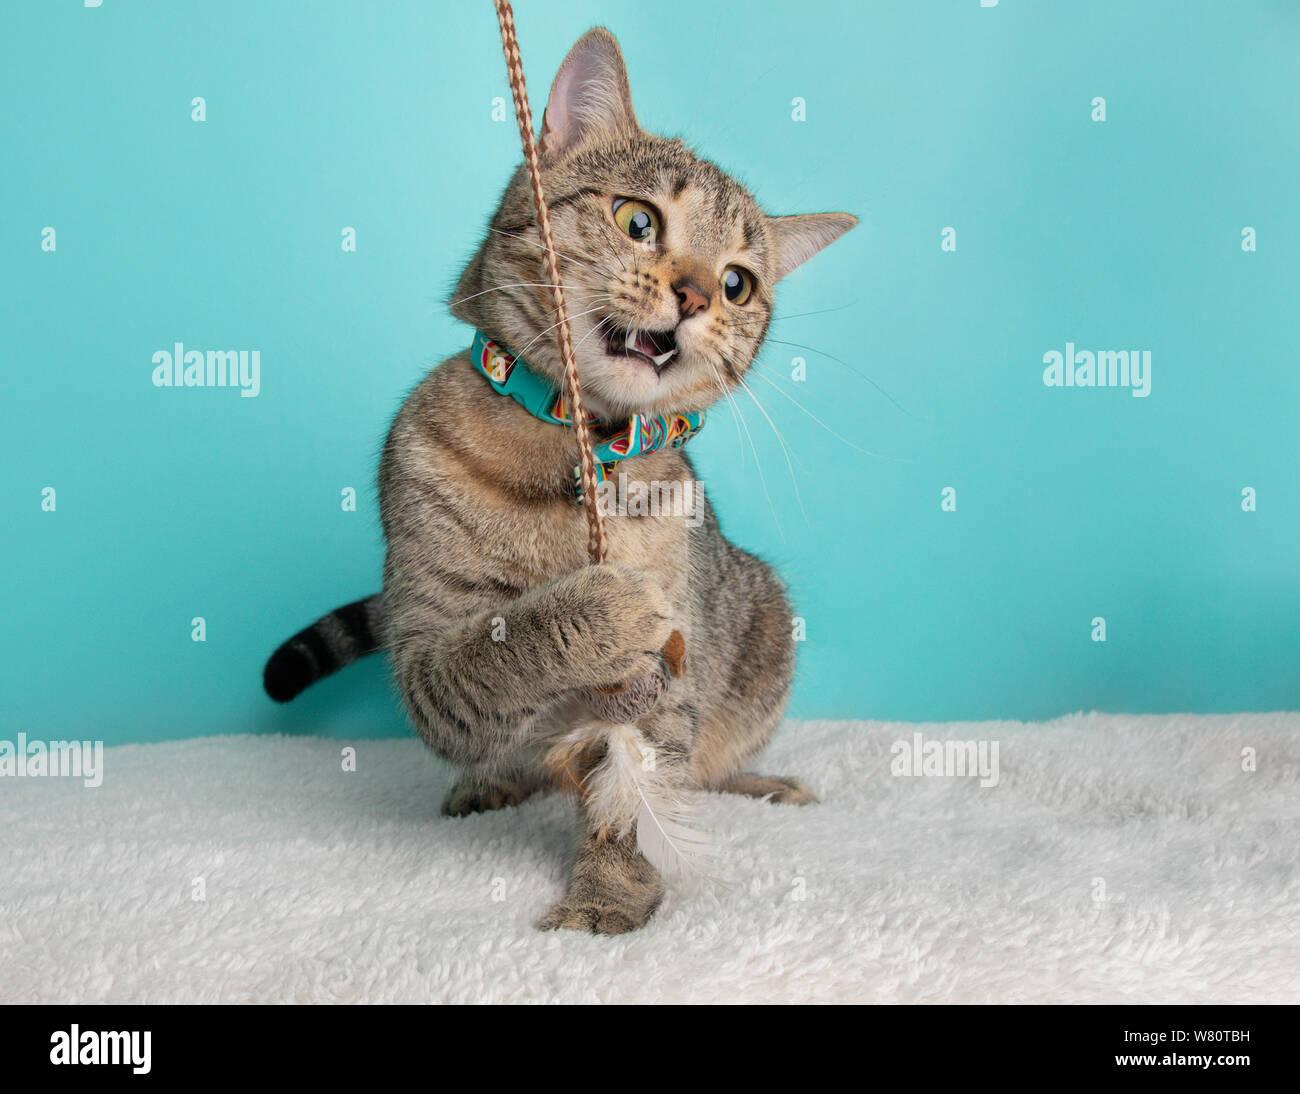 Lindo gato atigrado jóvenes vestidos de traje naranja azul Pajarita retrato haciendo cara divertida acción jugando con el ratón azul y fondo blanco. Foto de stock